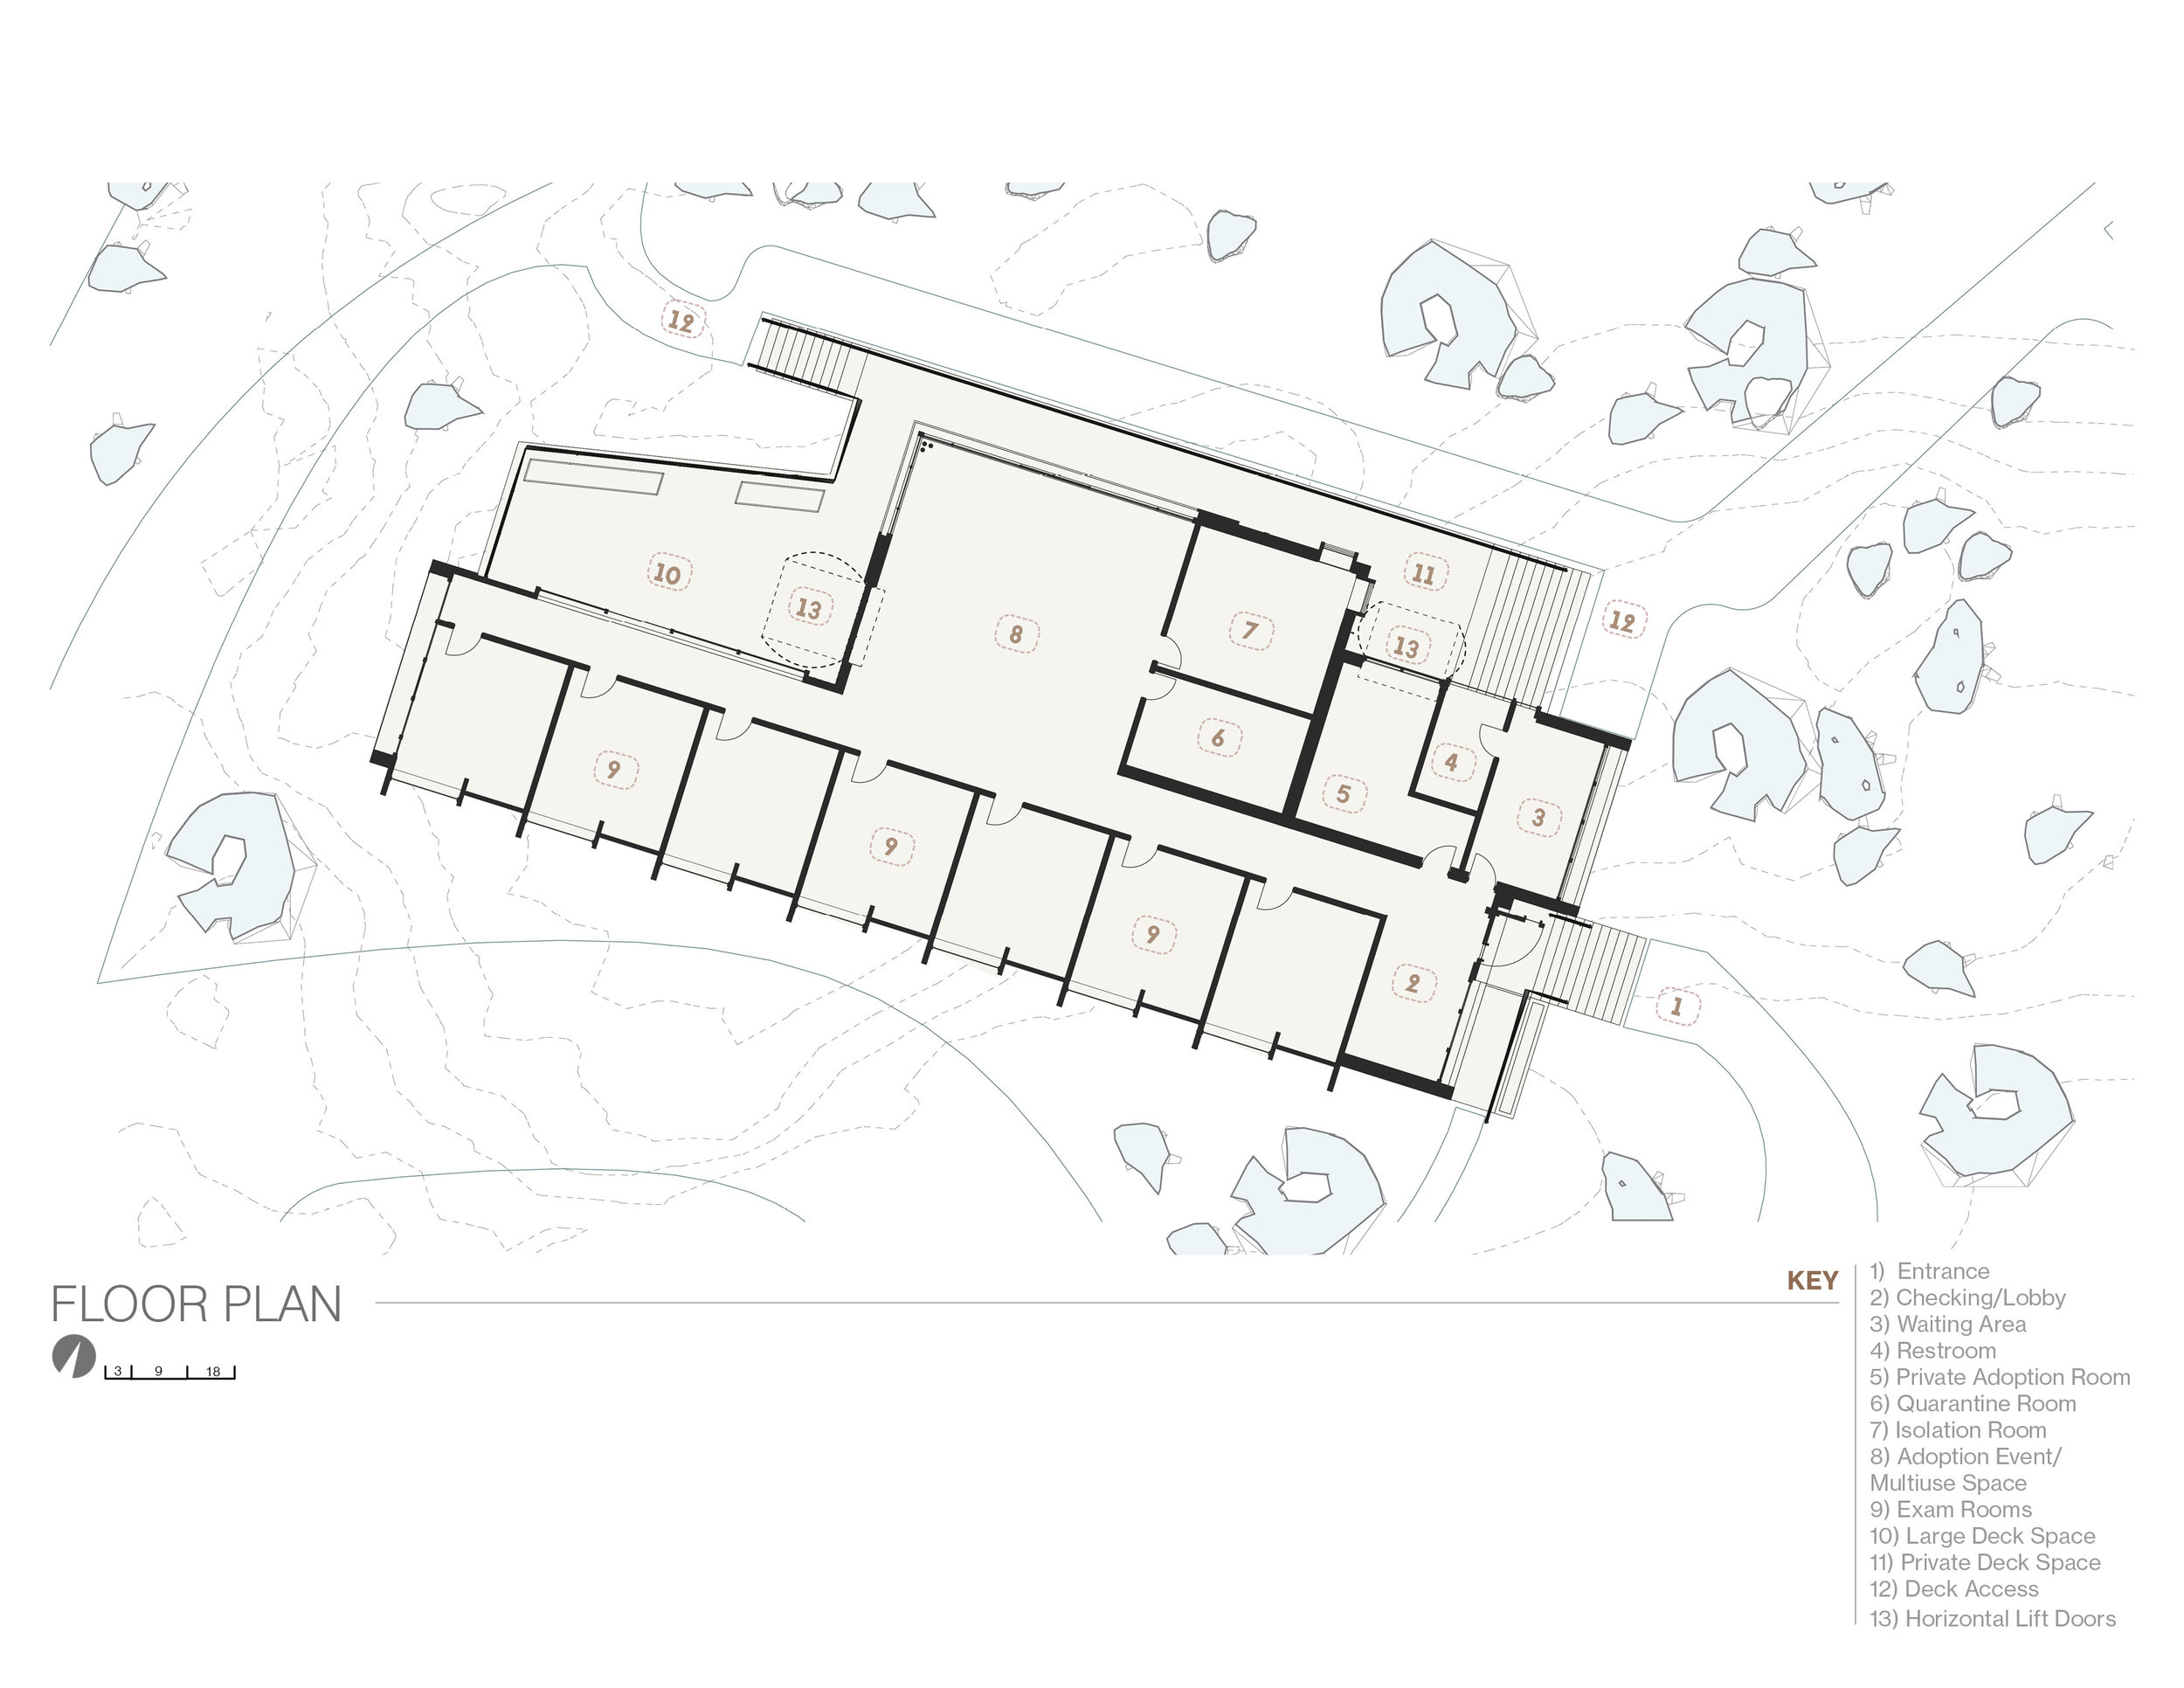 FurKids Campus - Image -  (3).jpg